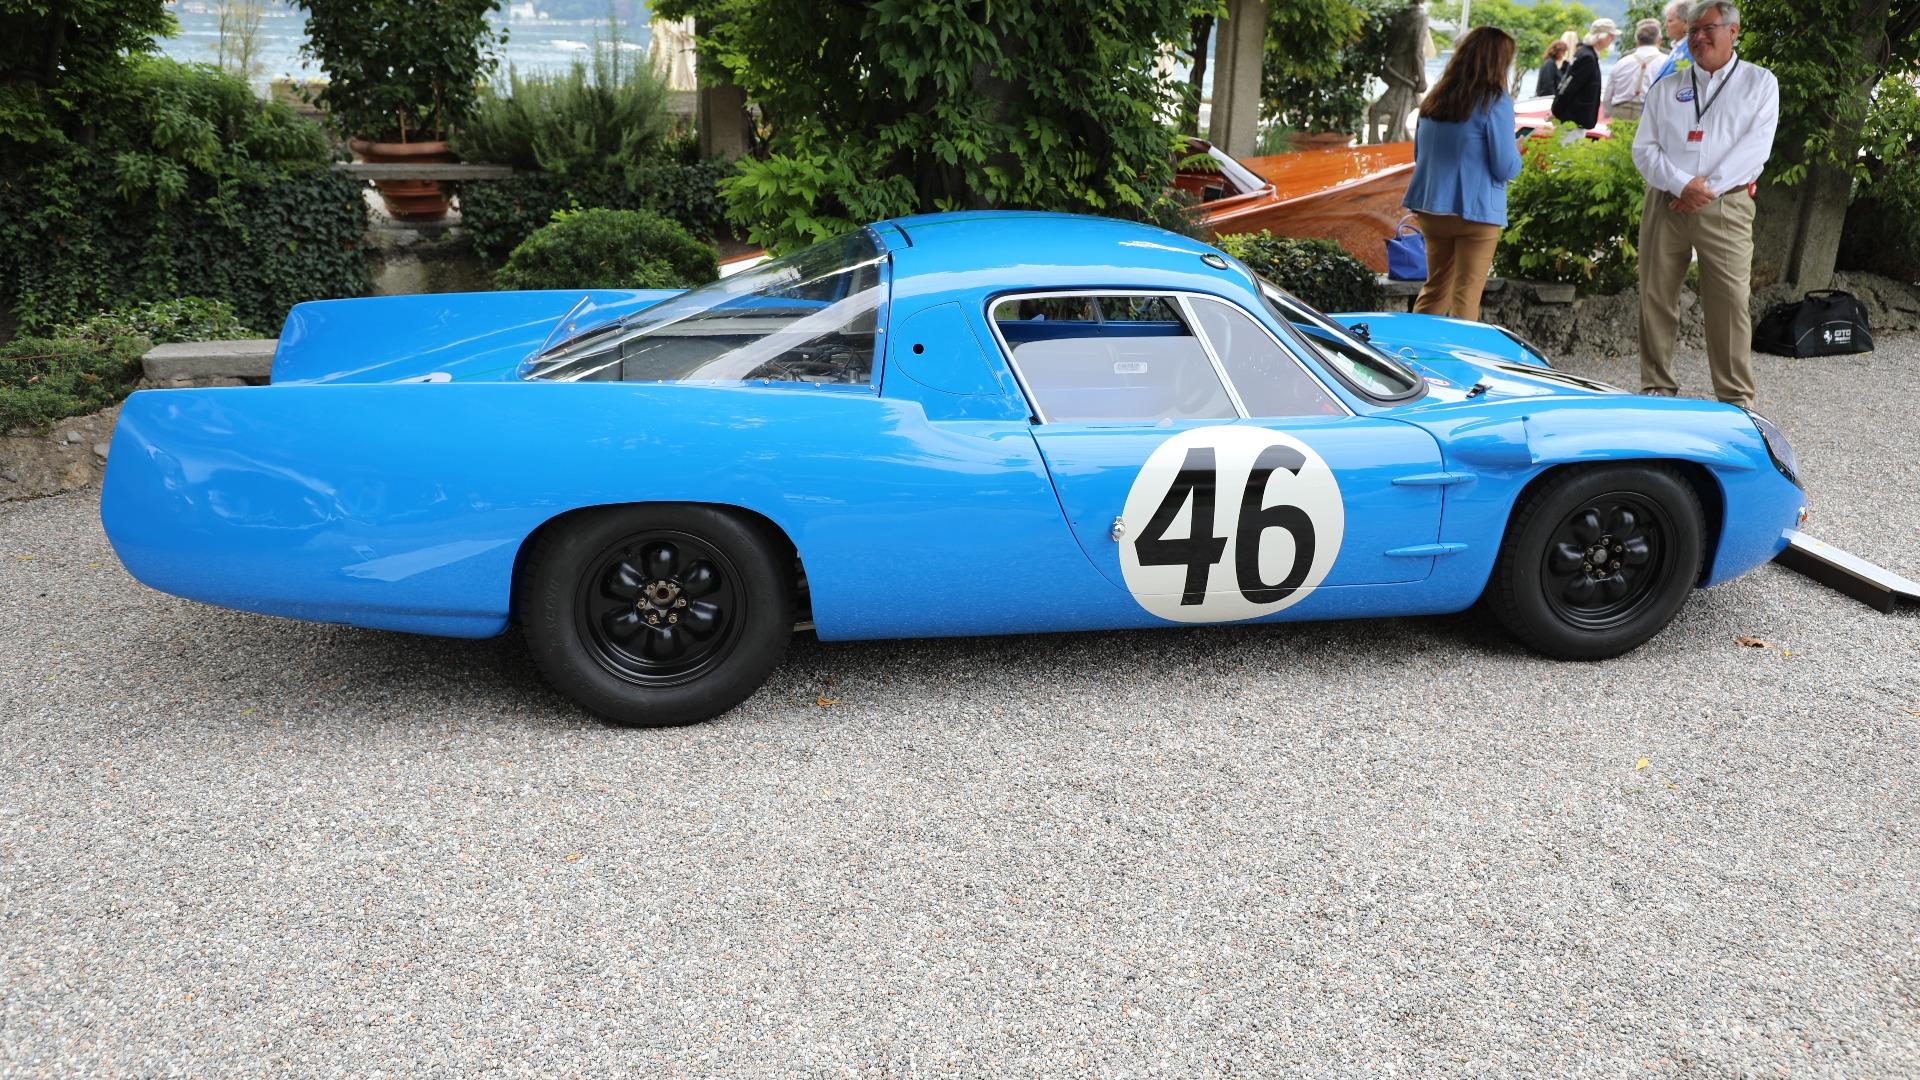 Ikke en bil man ser hver dag: 1964 Alpine M64 som vant prisen for lavest bensinforbruk under Le Mans i 1964, med kun 1,12 liter på mila. Motoren er en 1,1-liters firer.